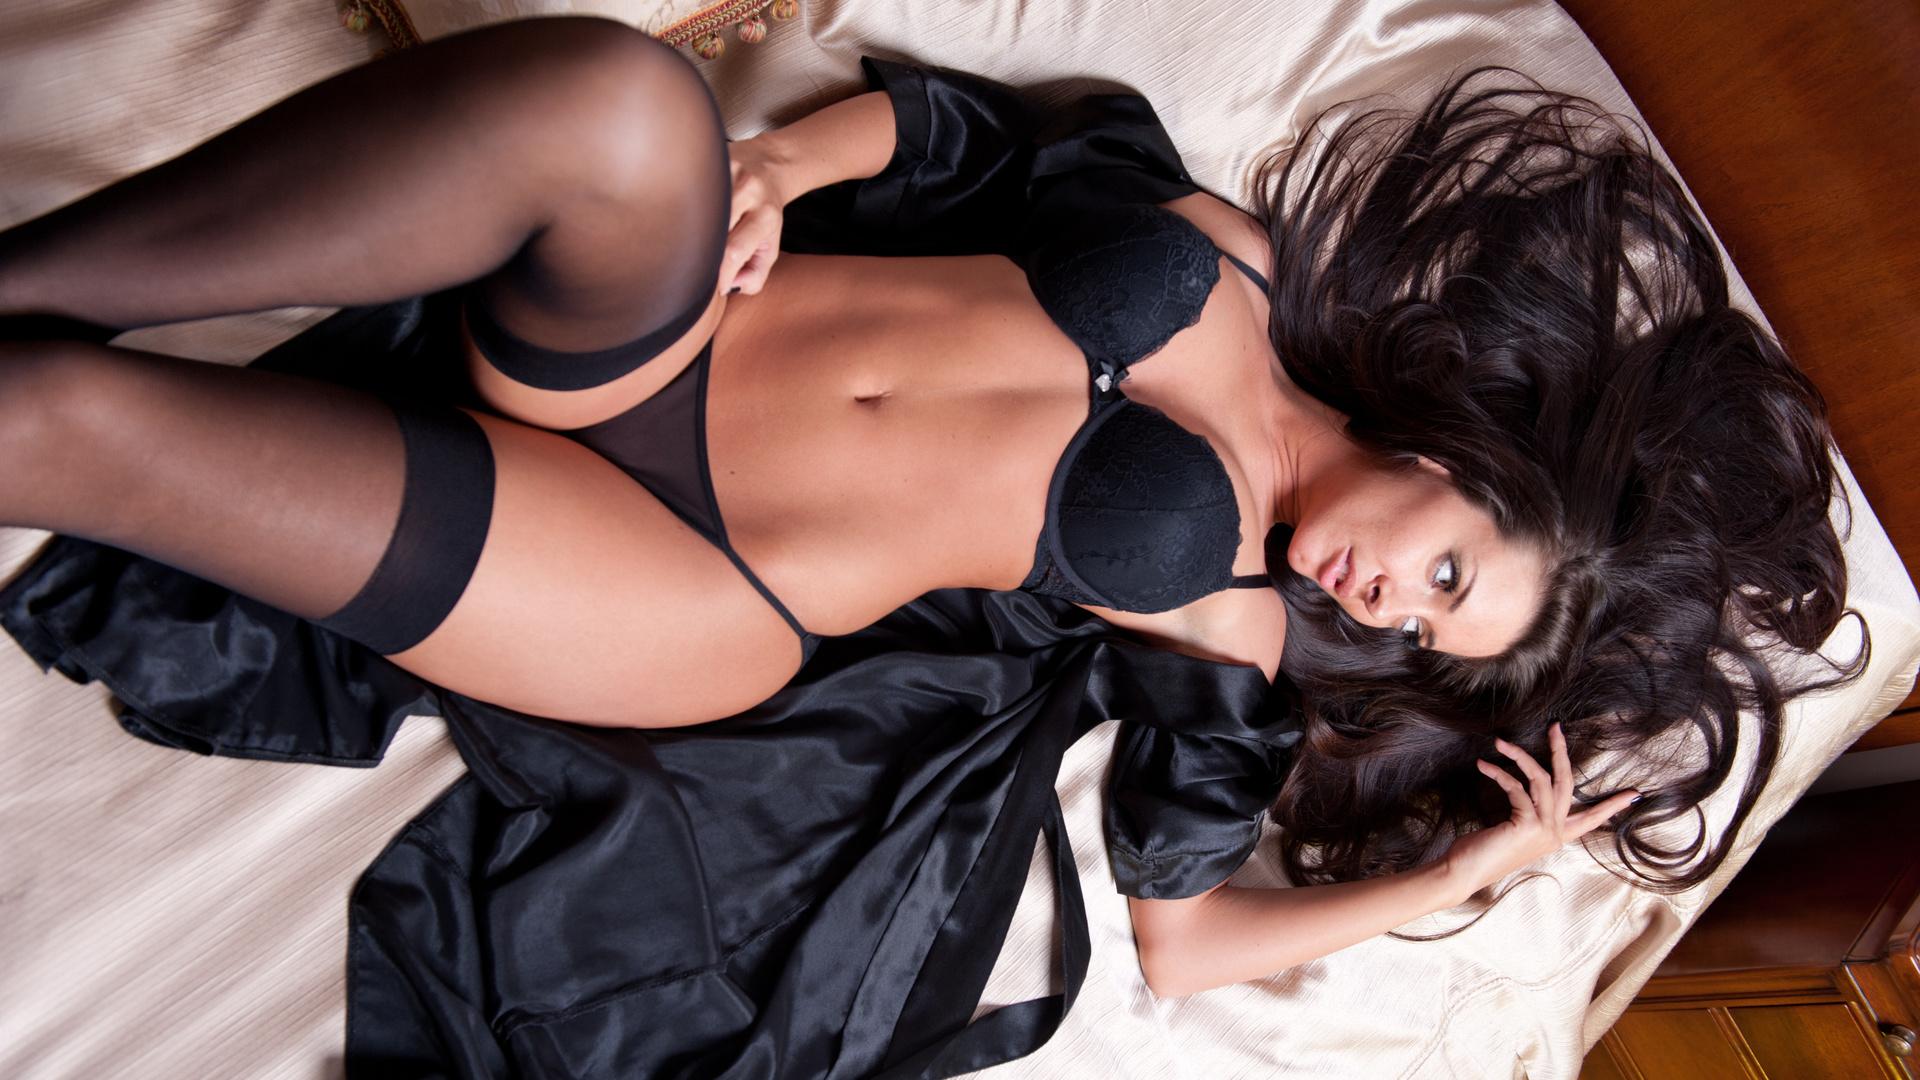 Эро фото в секси белье, Голые в нижнем белье на фото - полу обнаженные девушки 26 фотография